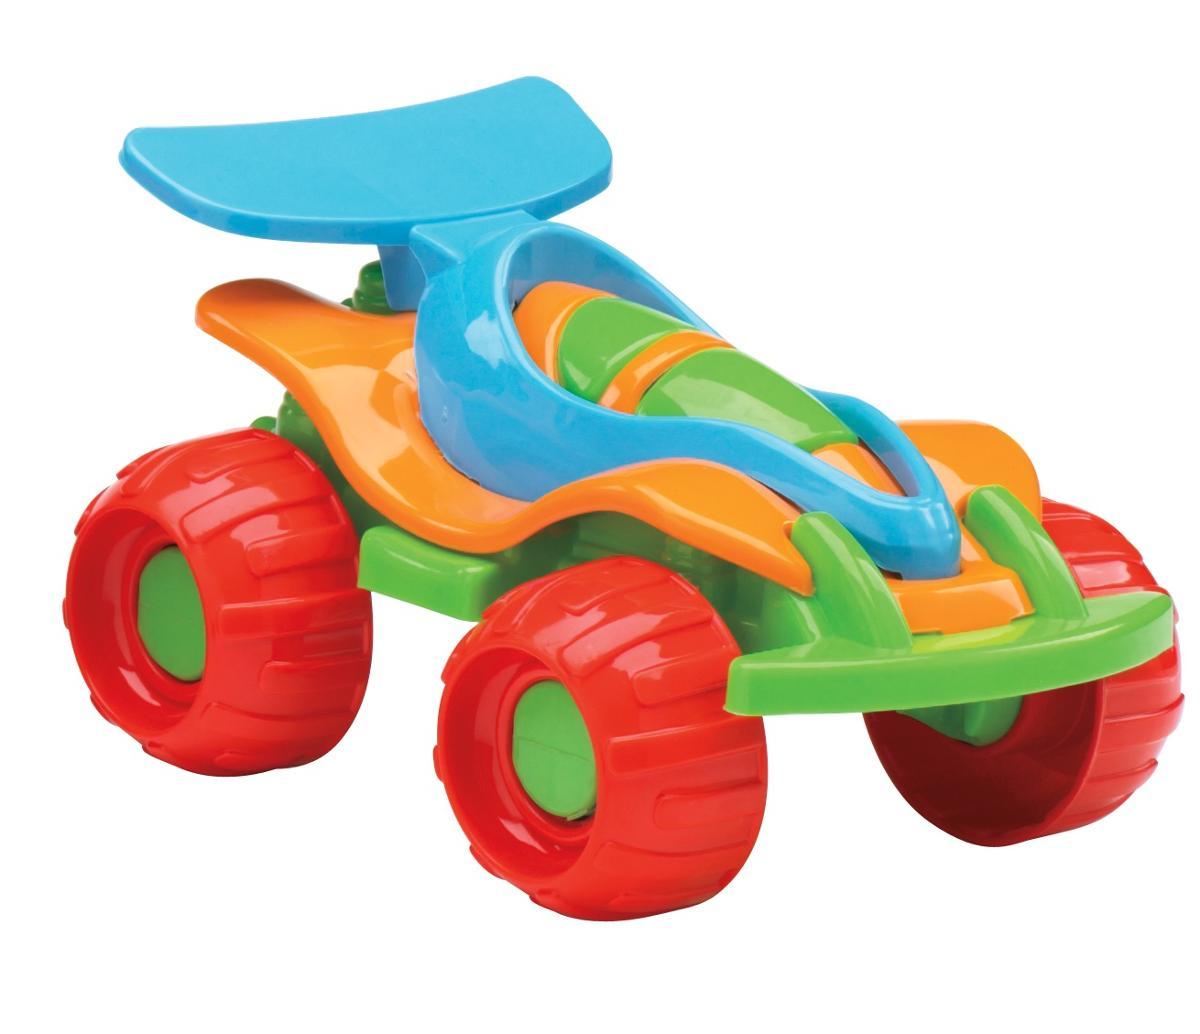 Mini Extreme Race Car Vehicles